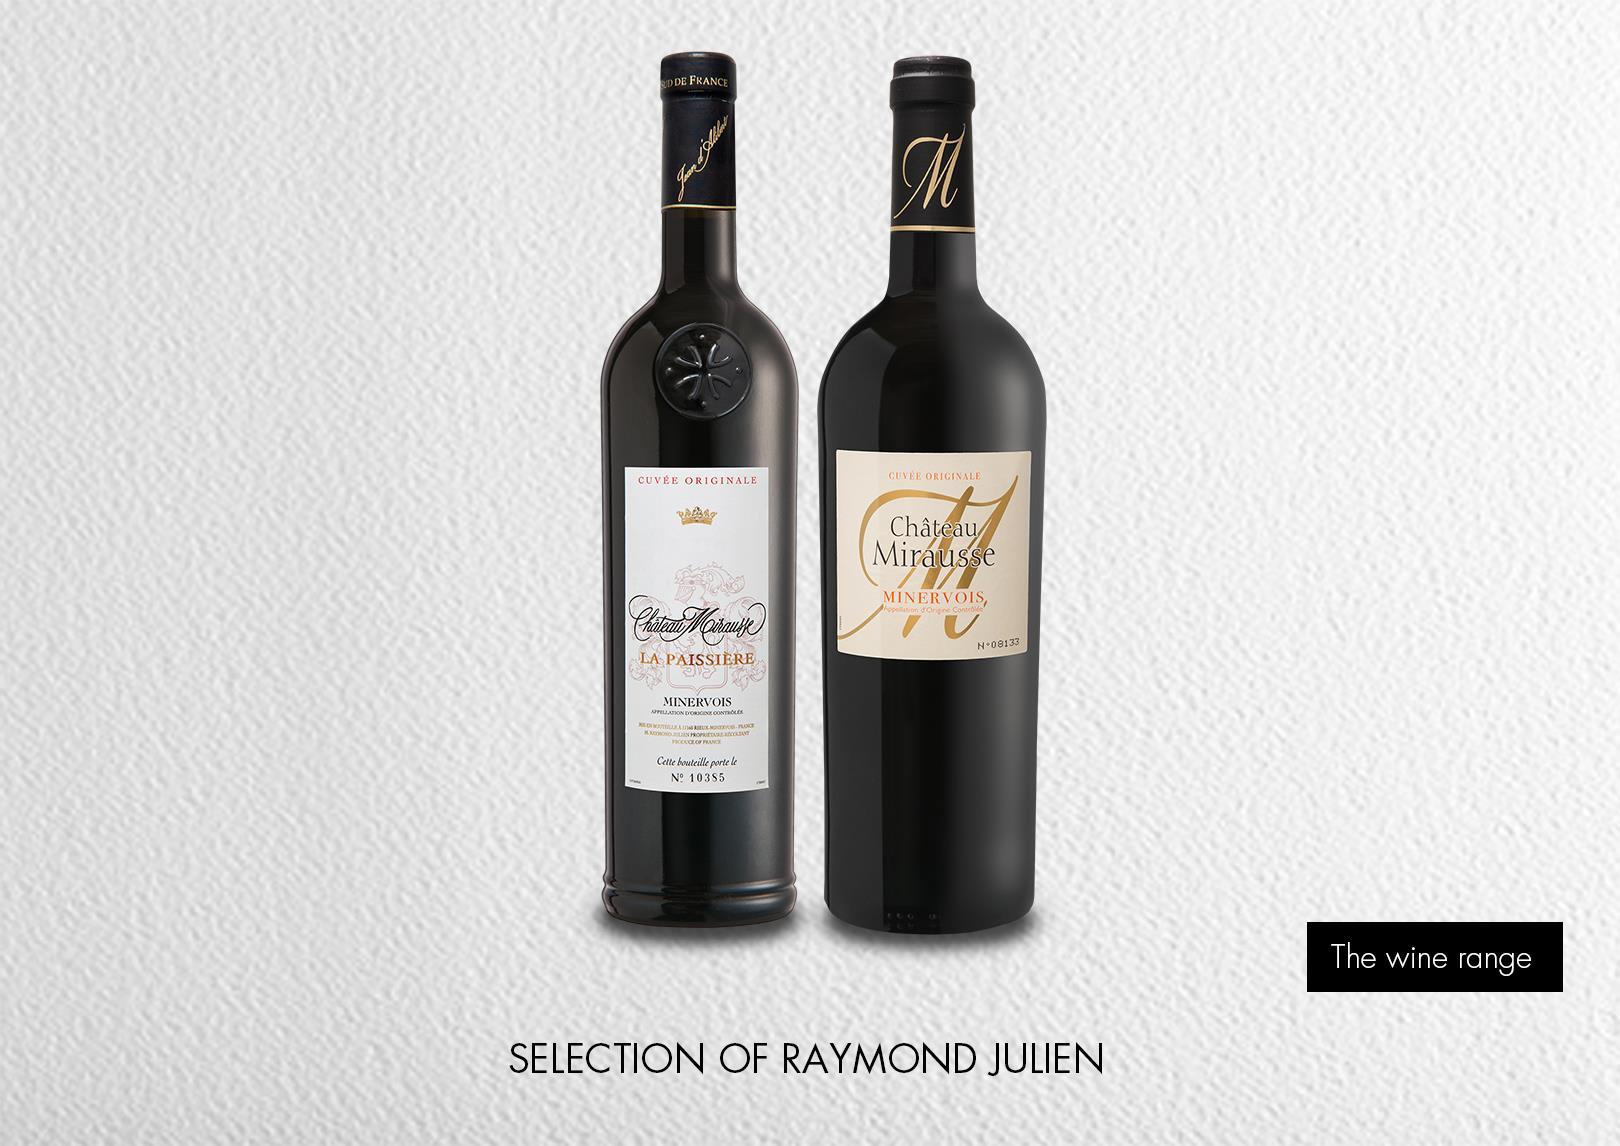 Selection of Raymond Julien : Range Estates & Châteaux